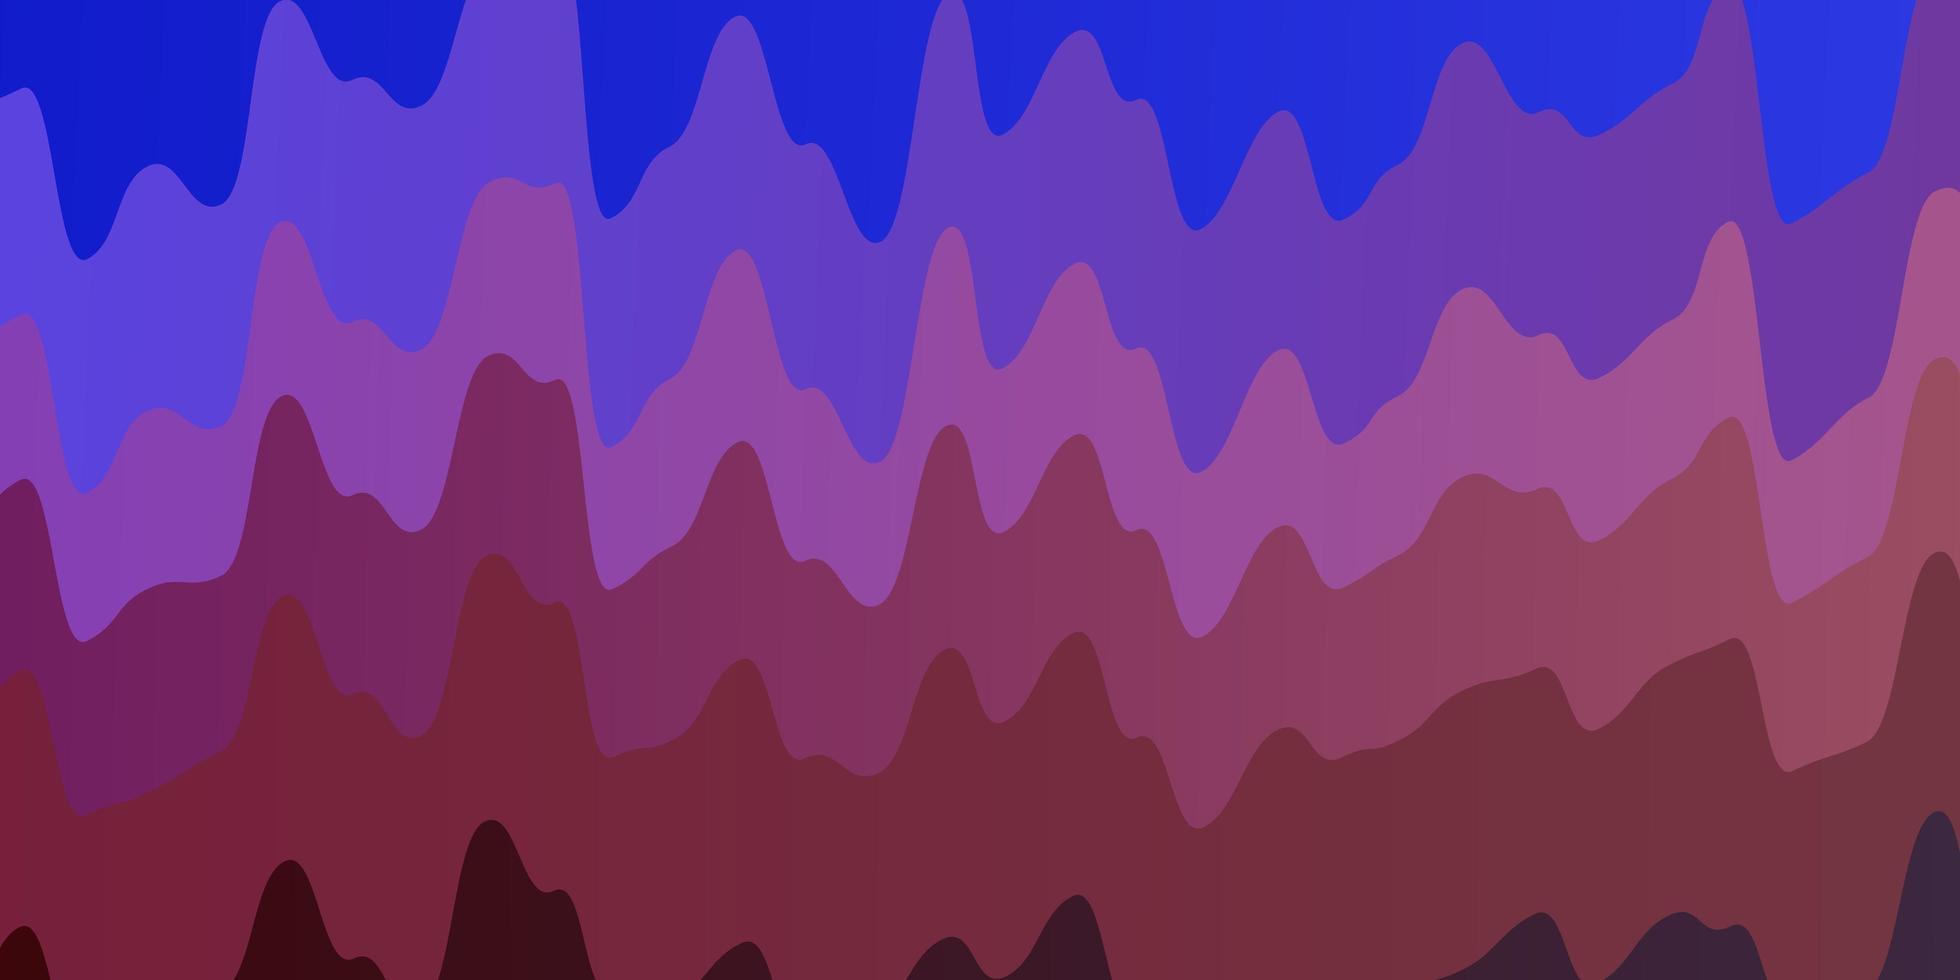 sfondo azzurro, rosso con linee ironiche. vettore